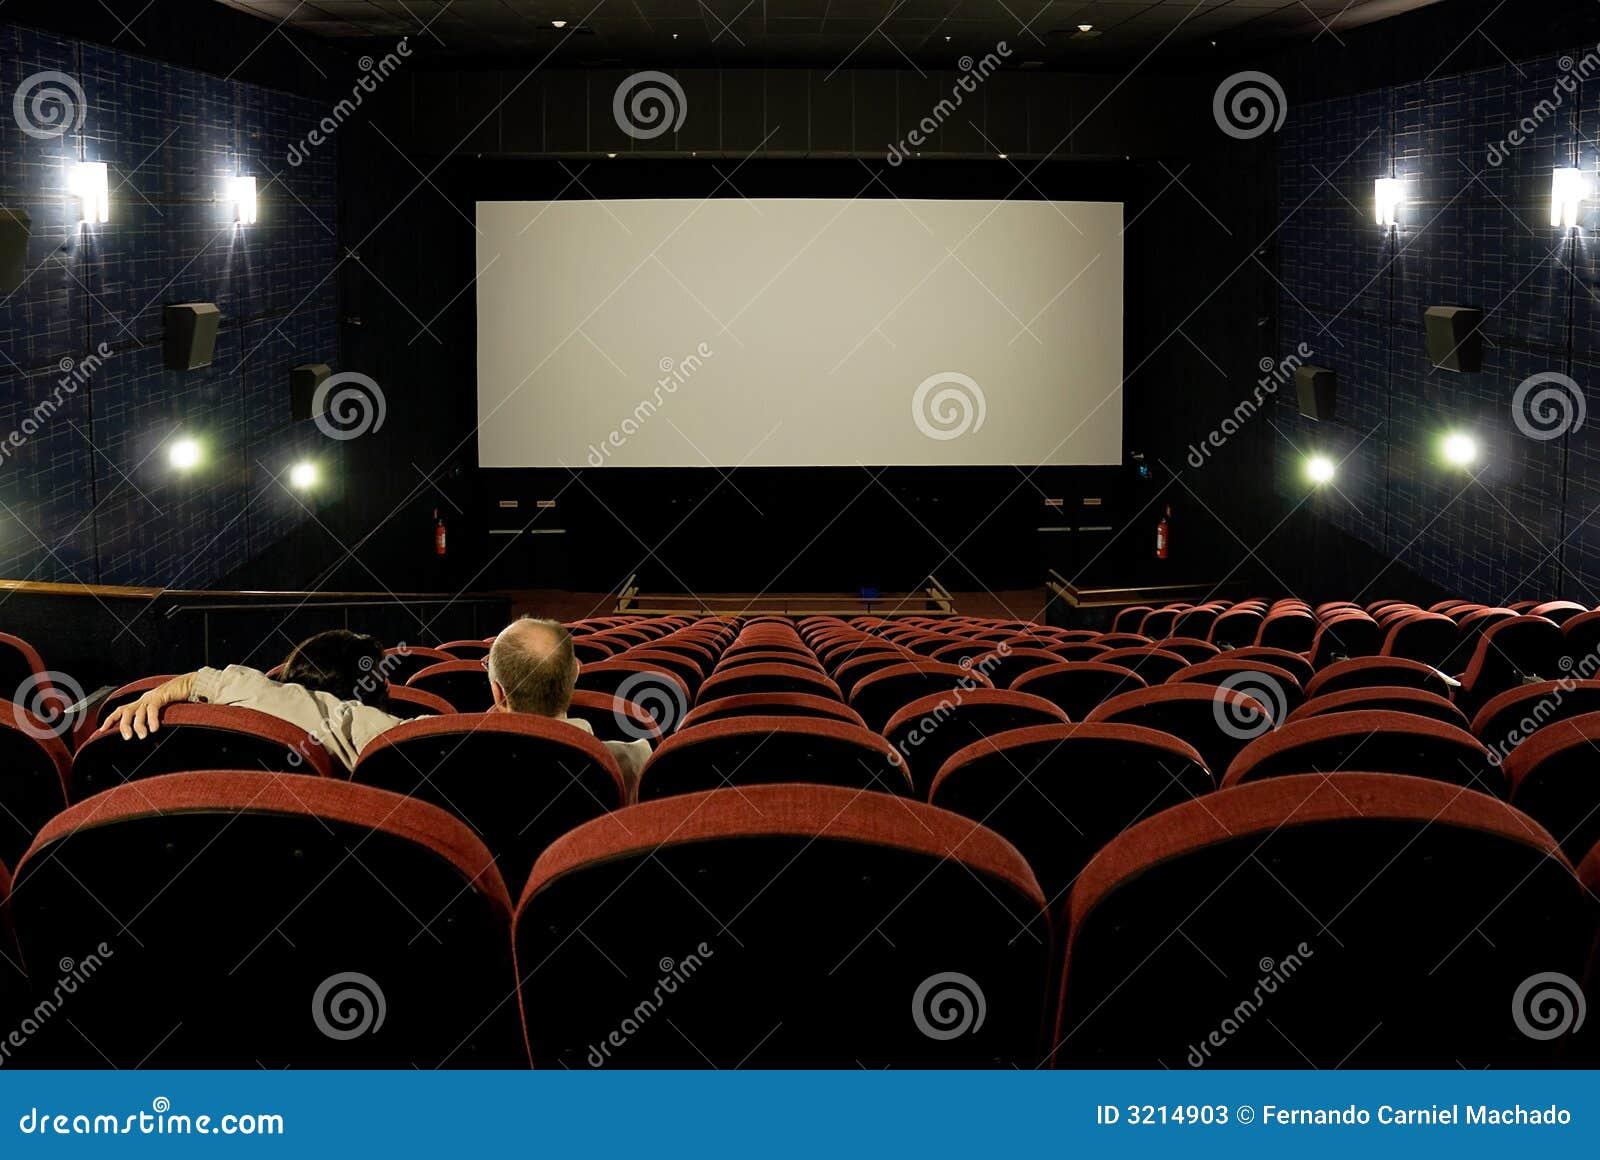 Kino.